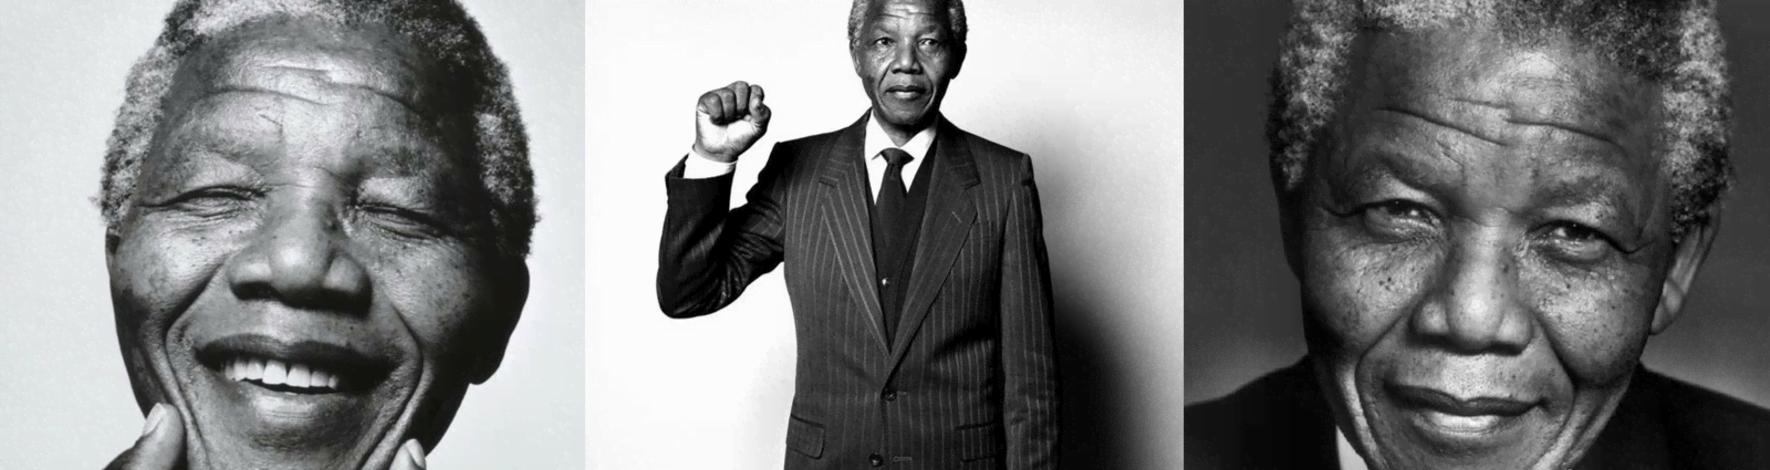 O que você sabe sobre Nelson Mandela?